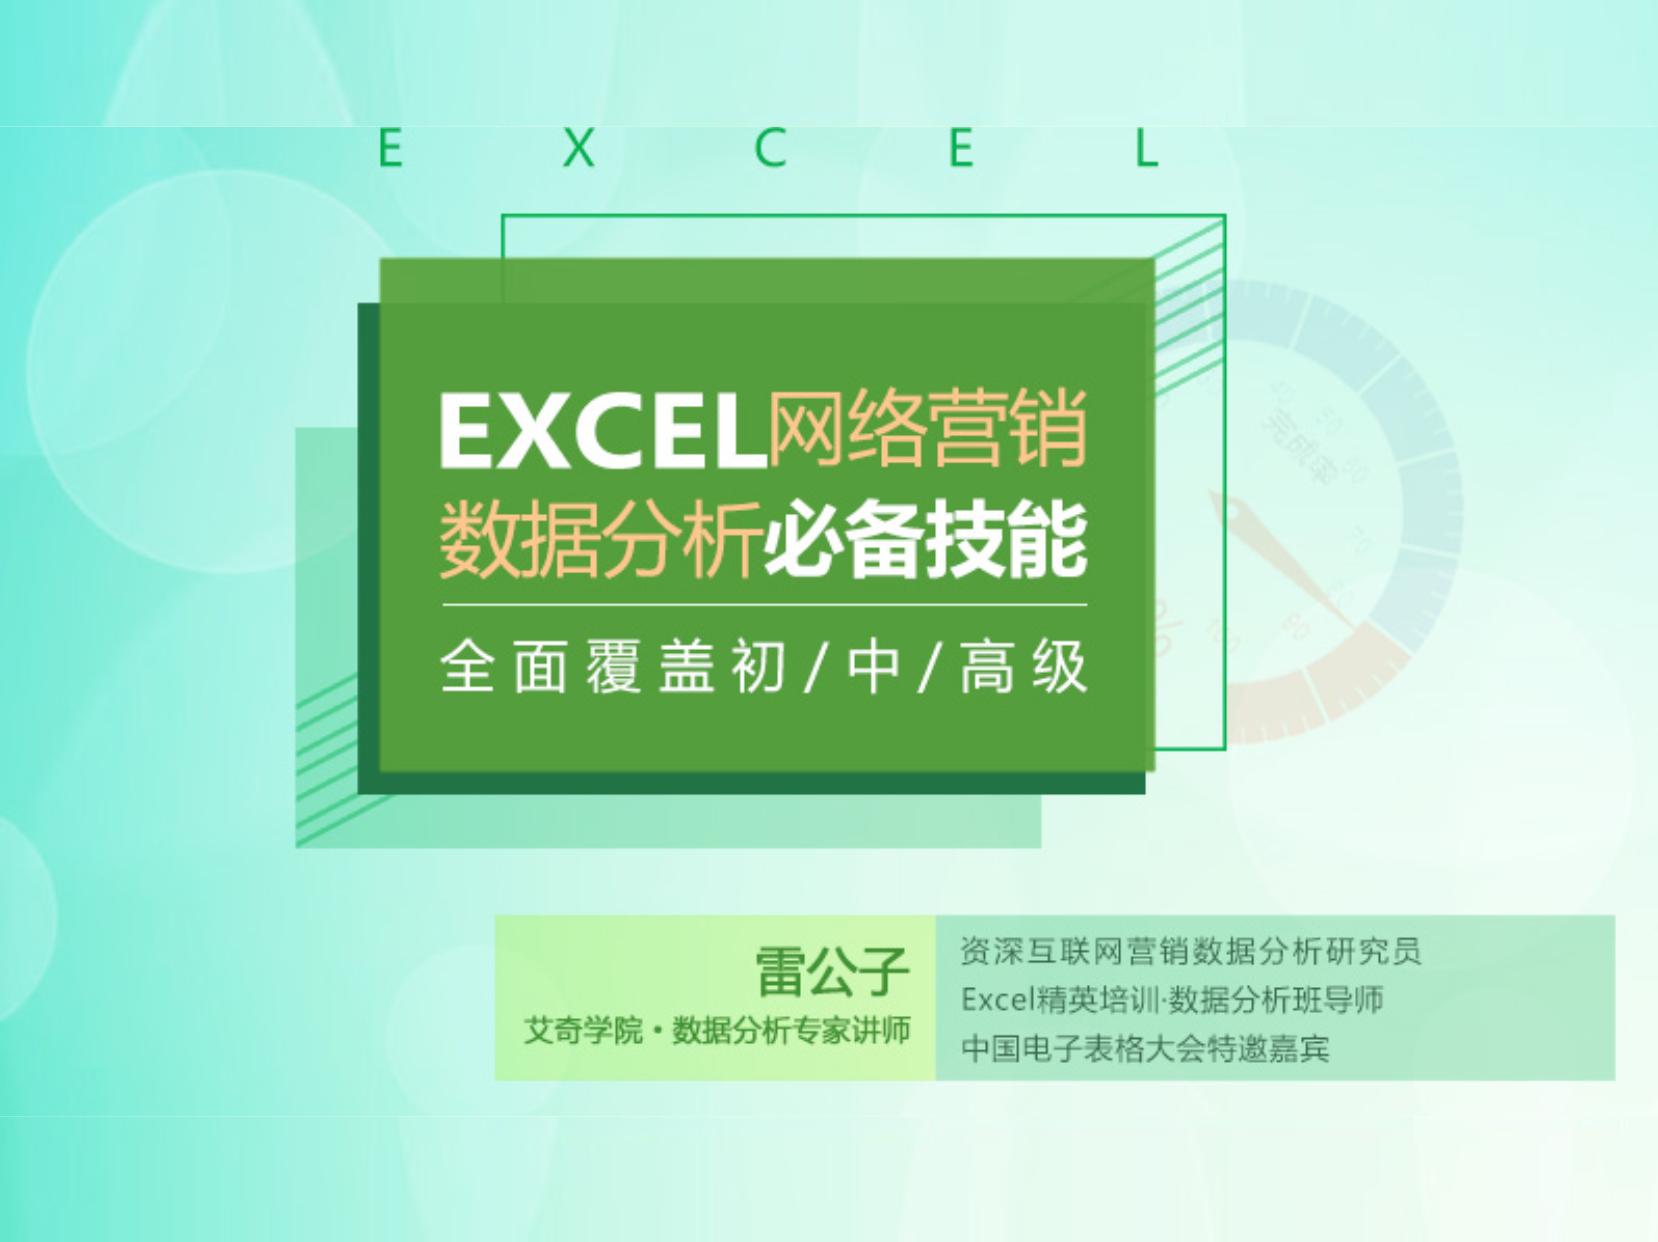 艾课网Excel数据分析必备技能雷公子